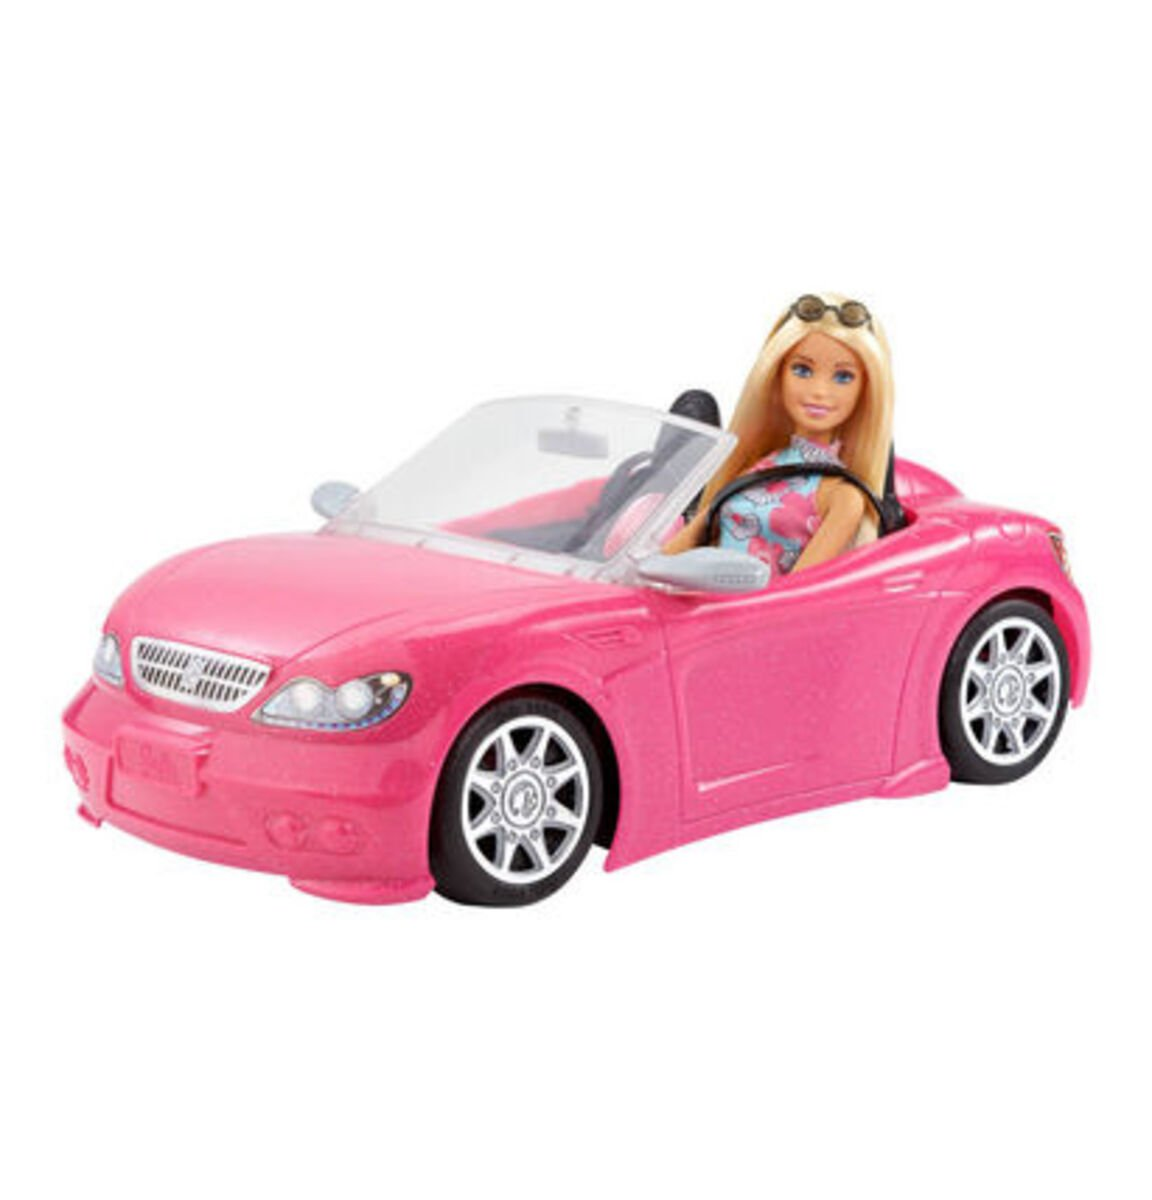 Bild 3 von Barbie Puppe mit Cabrio